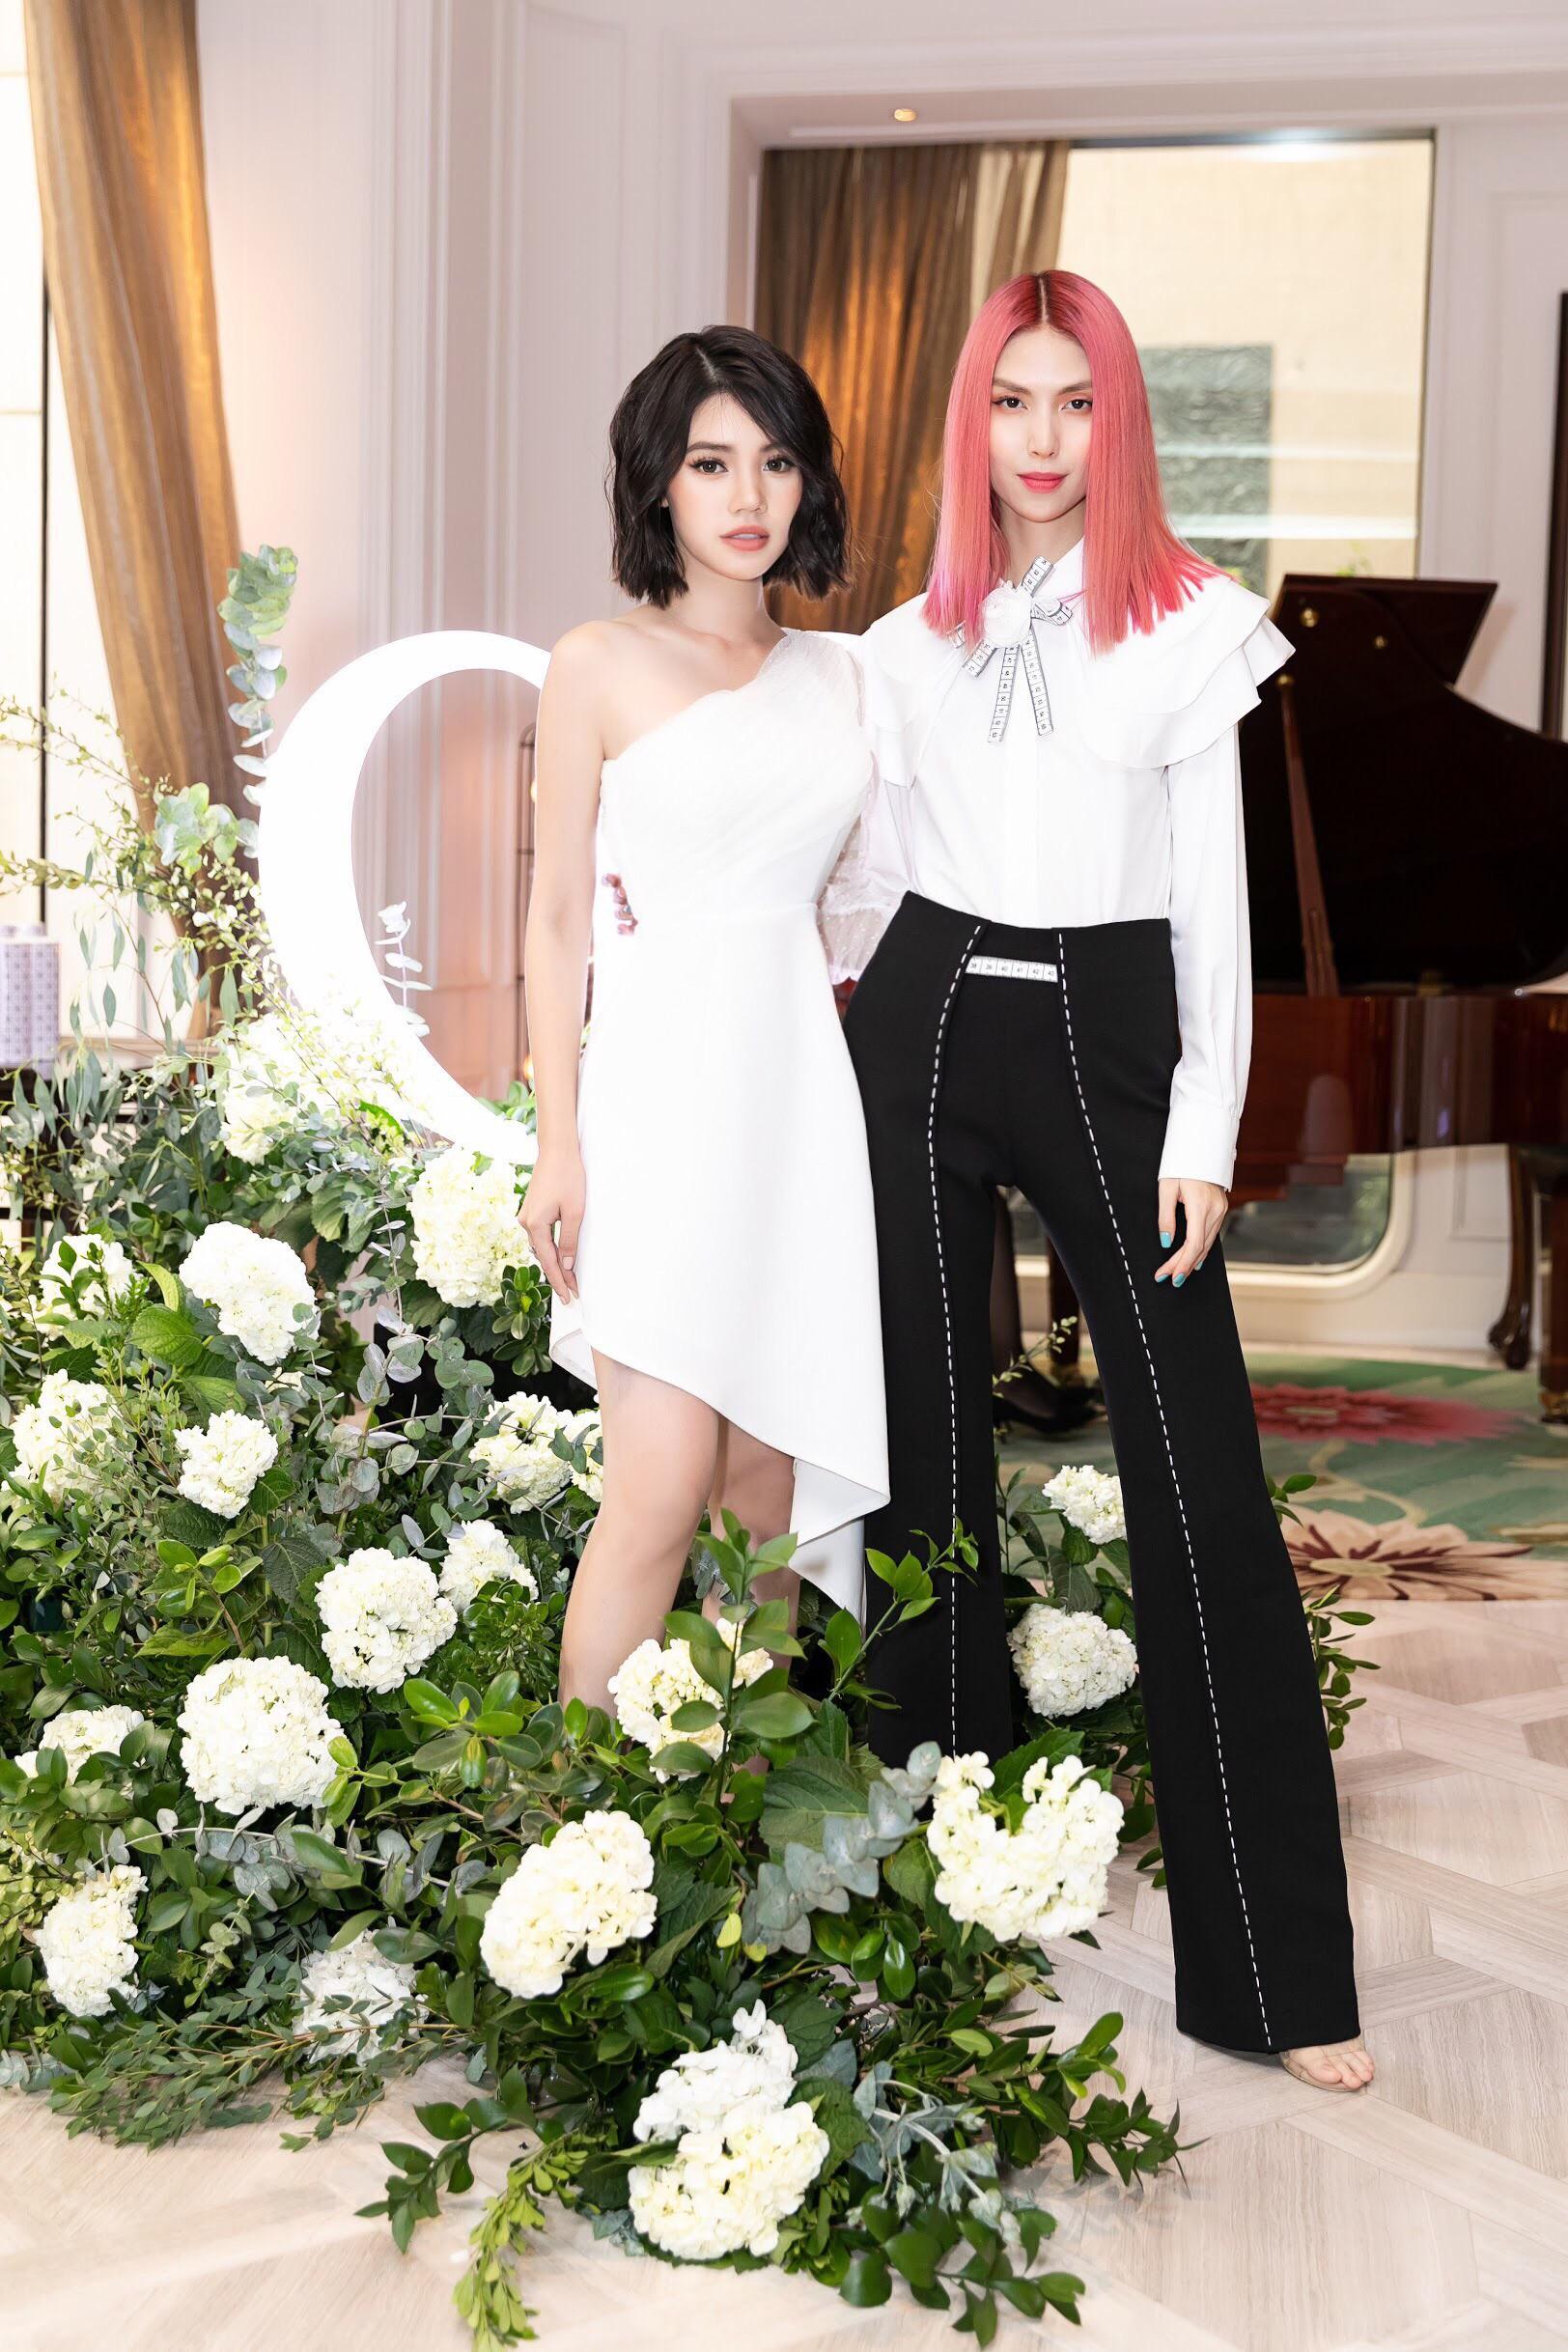 Thẳng tay cắt bỏ mái tóc dài để 20 năm, Hoa hậu Jolie Nguyễn vẫn gây thương nhớ với tóc ngắn cá tính - Ảnh 6.